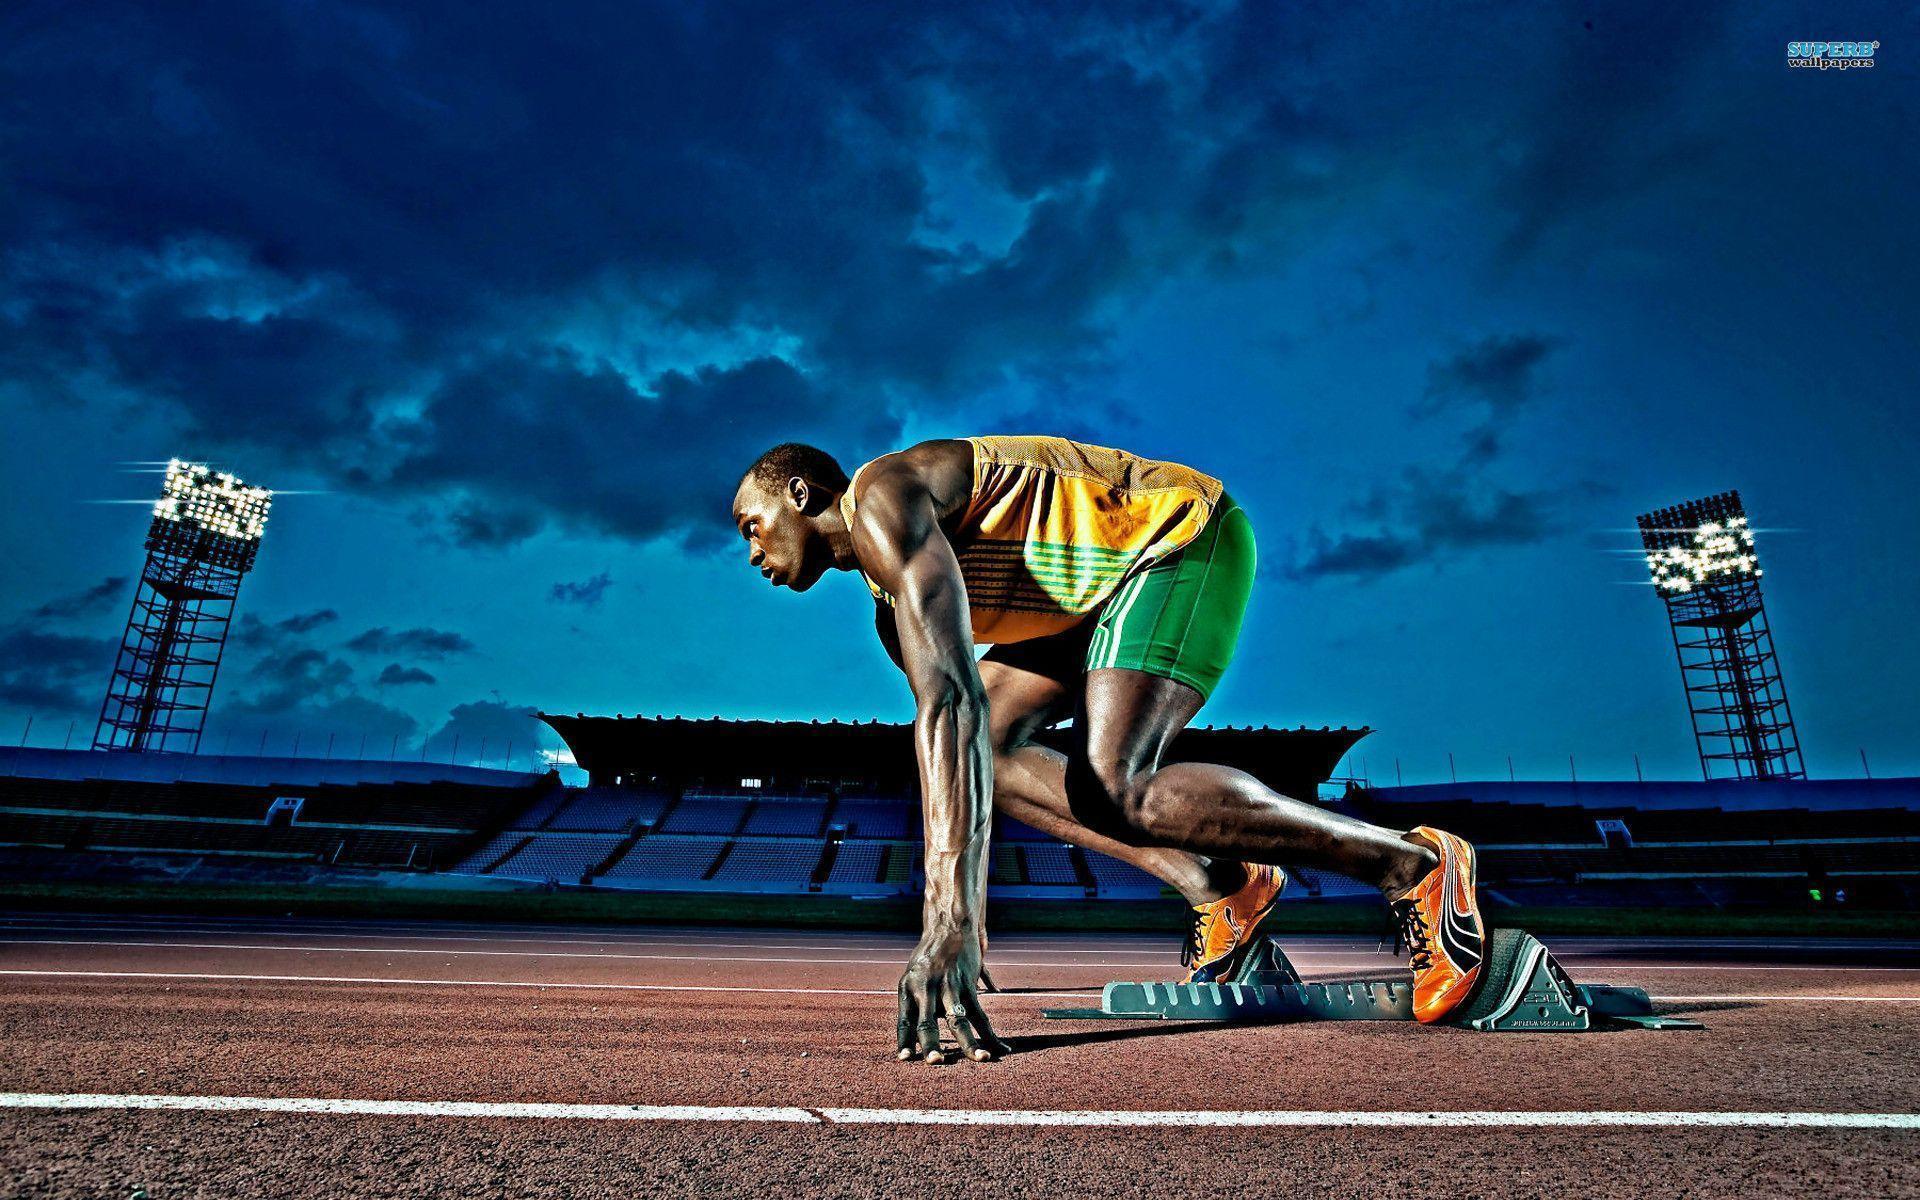 Fonds d'écran Usain Bolt : tous les wallpapers Usain Bolt